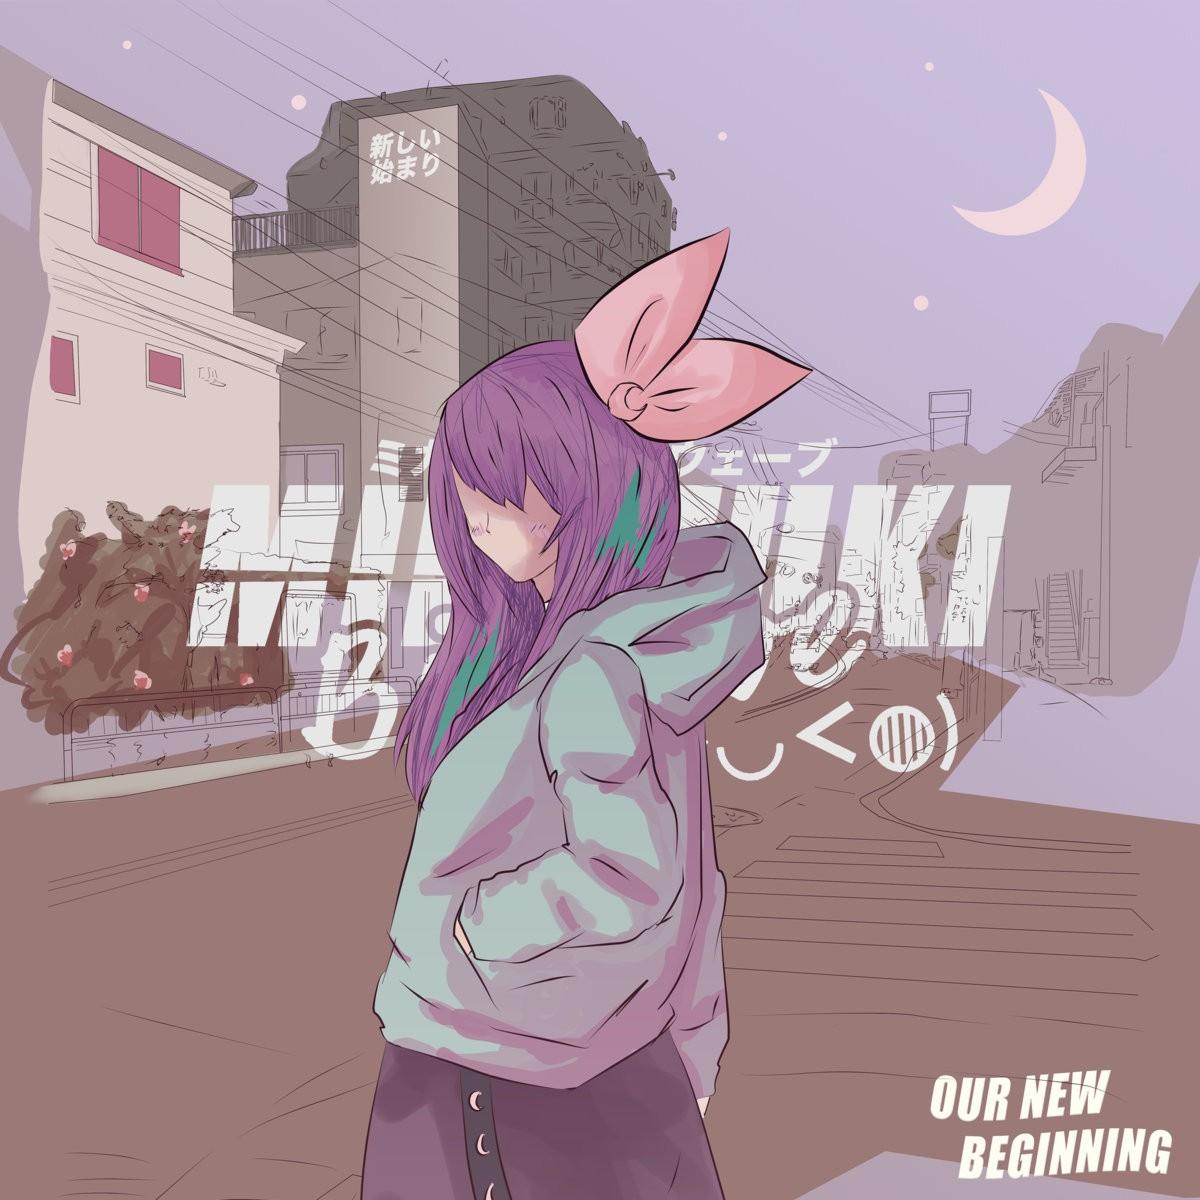 ミカヅキBIGWAVE – Our New Beginning [FLAC + MP3 320 / WEB] [2019.11.02]